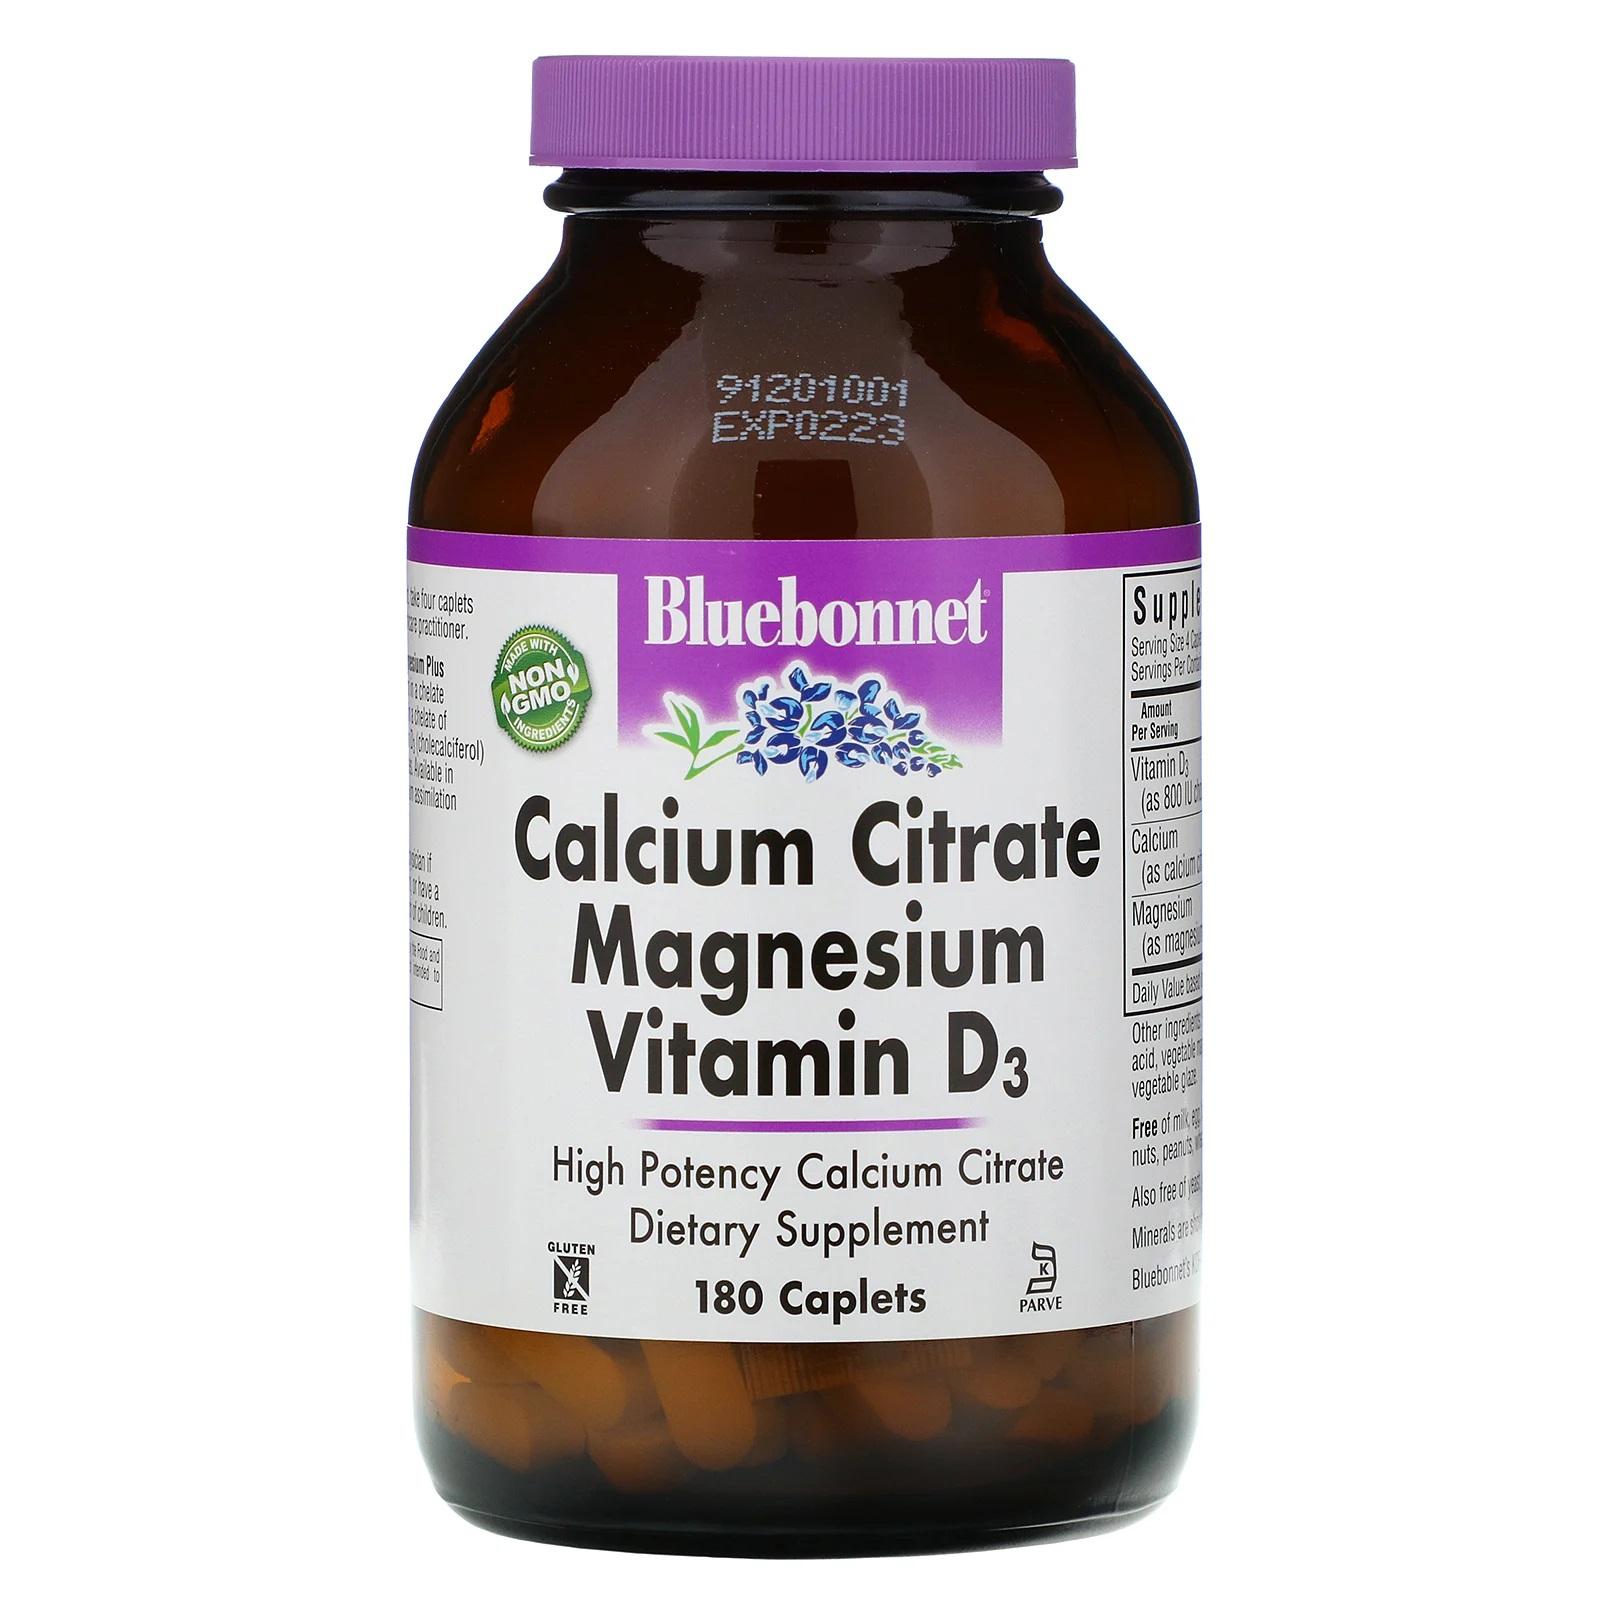 Image of Calcium Citrate Magnesium Vitamin D3 (180 caplet) - Bluebonnet Nutrition 0743715007178